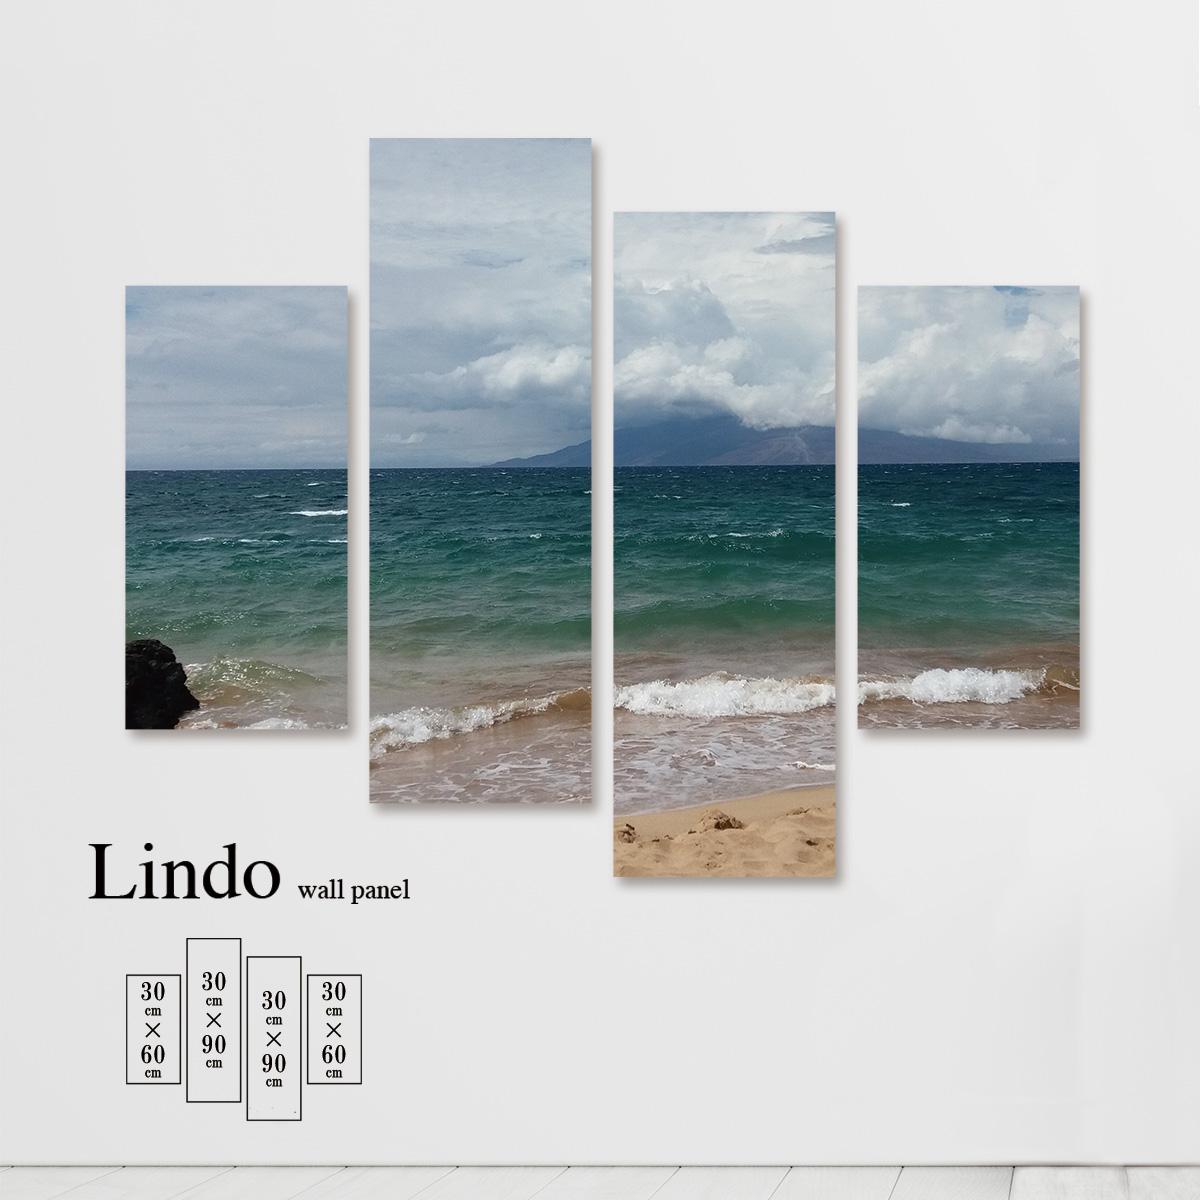 ファブリックパネル 海 海面 海岸 浜辺 ビーチ 風景 景色 青空 雲 壁掛け 北欧 お洒落 デザイン アート 壁飾り アートボード 4枚パネル